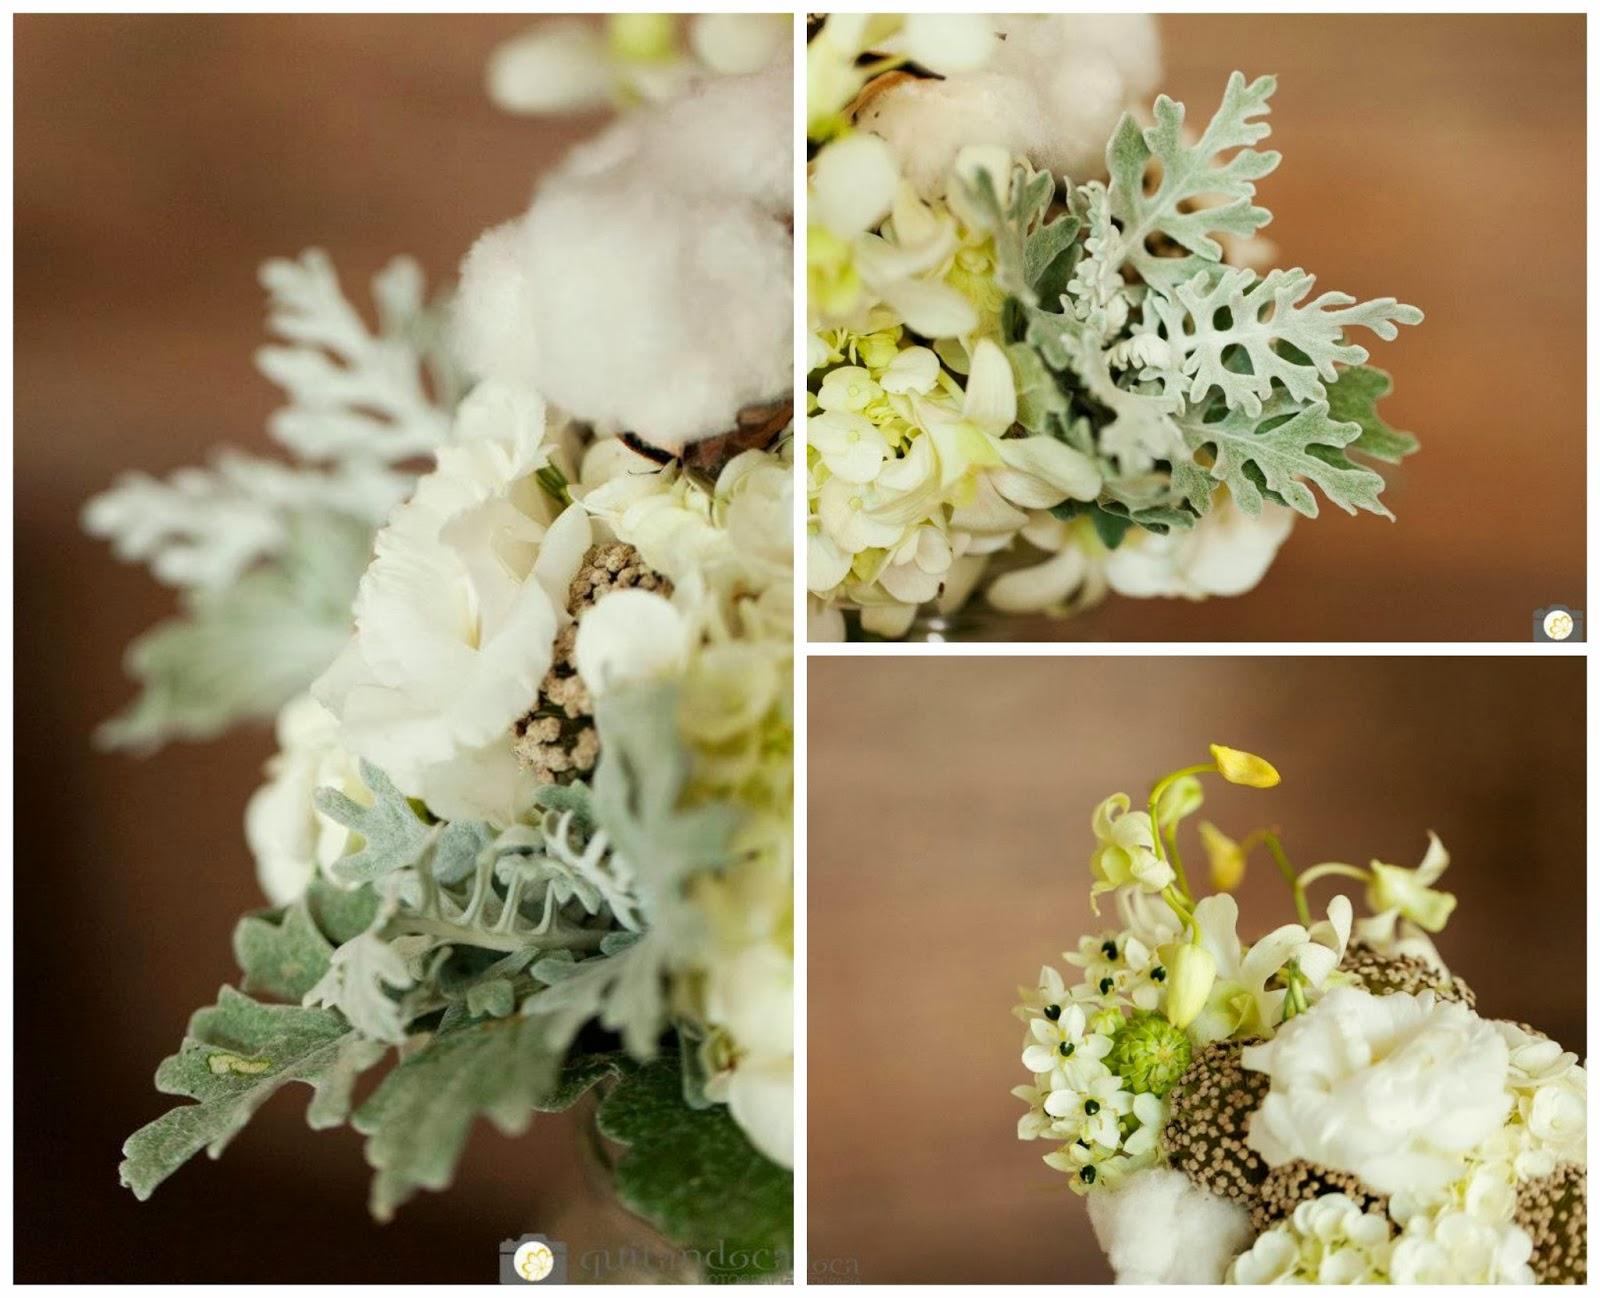 bodas-algodao-flores-detalhe